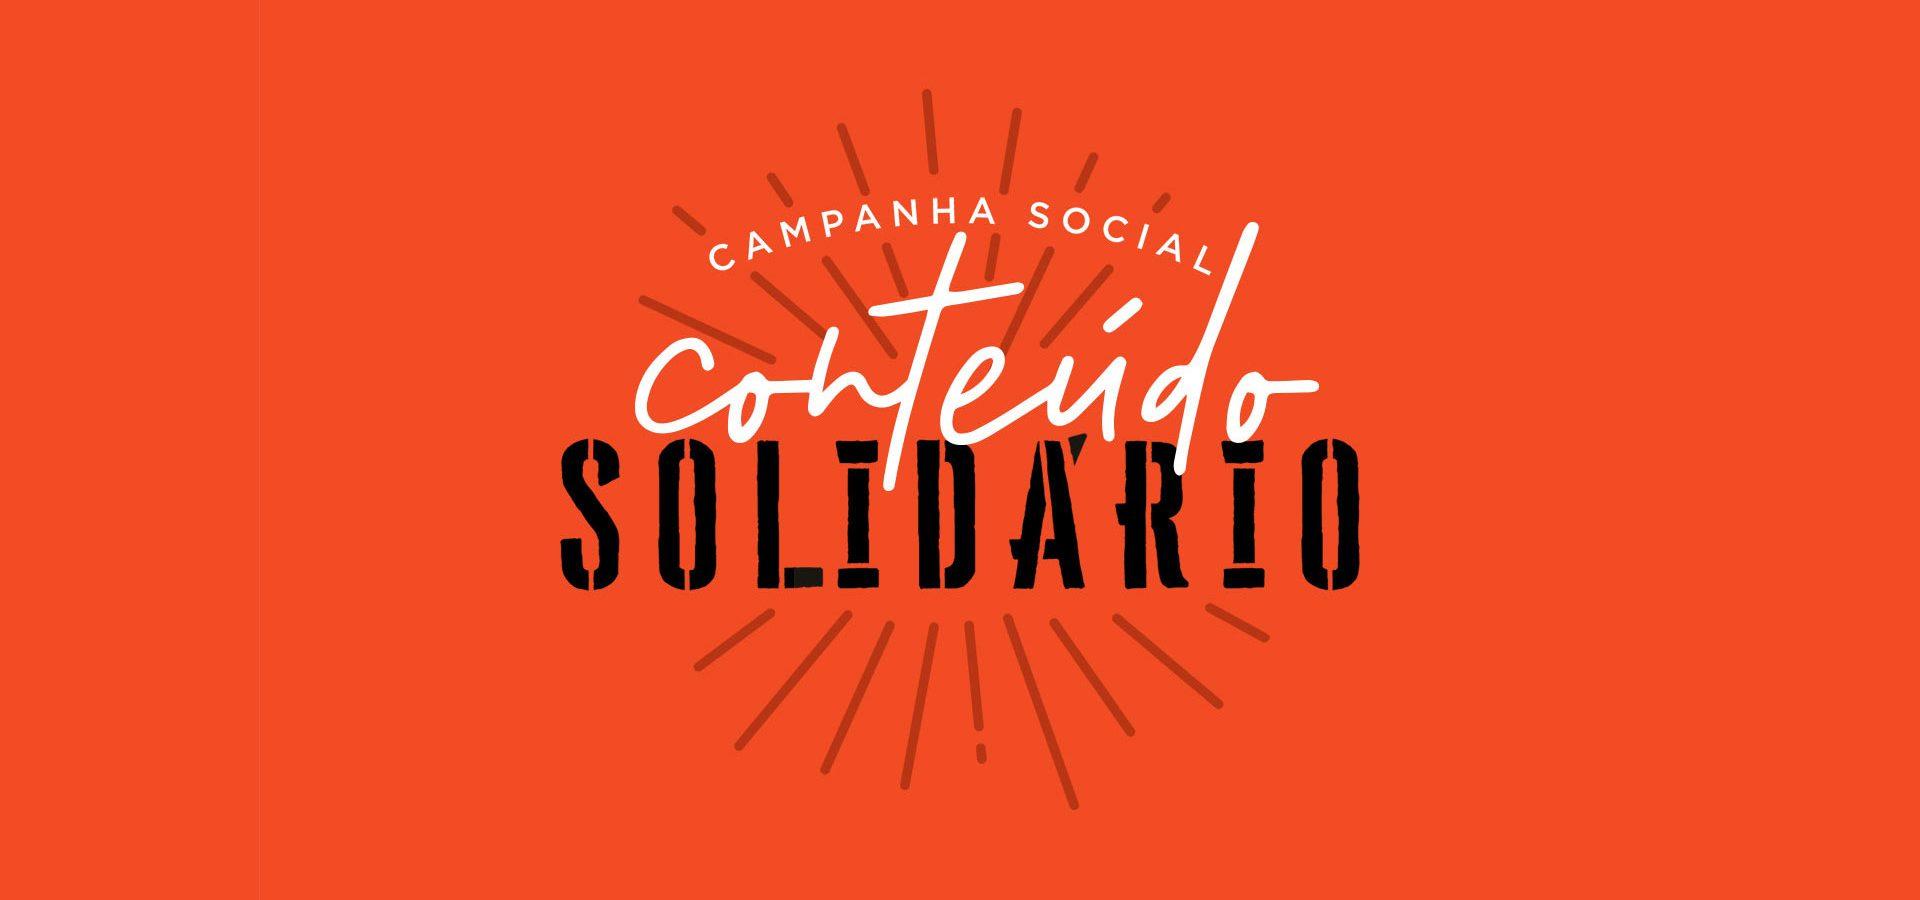 Matéria sobre Conteúdo Solidário